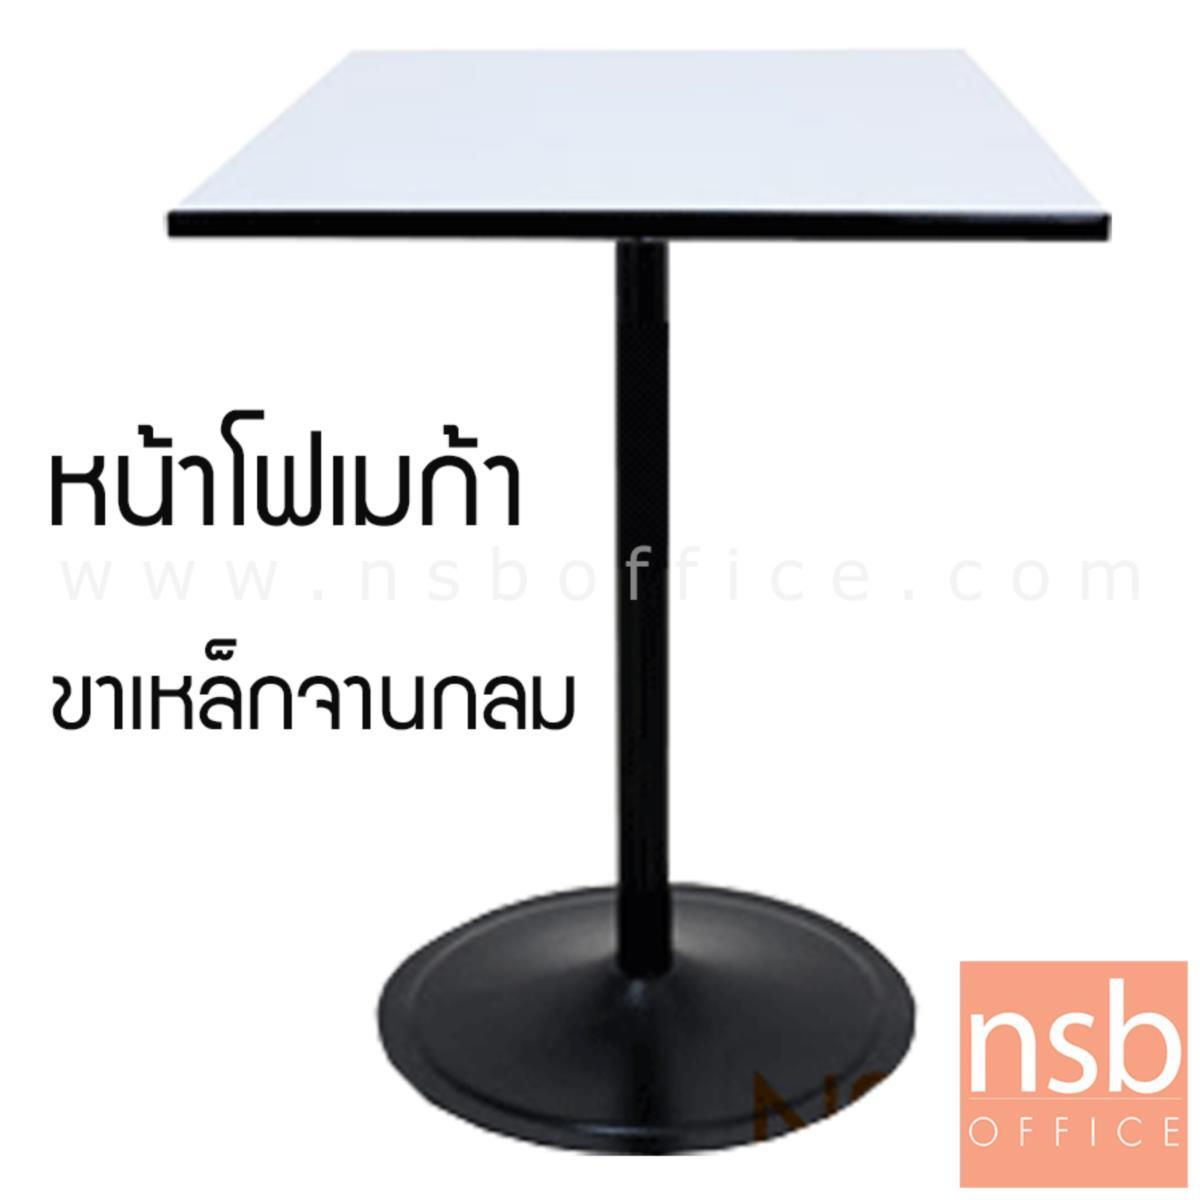 A07A036:โต๊ะหน้าโฟเมก้าขาว รุ่น Thalia 2 (ธาเลีย 2) ขนาด 60W ,75W ,60Di ,75Di cm.  ขาเหล็กจานกลมสีดำ